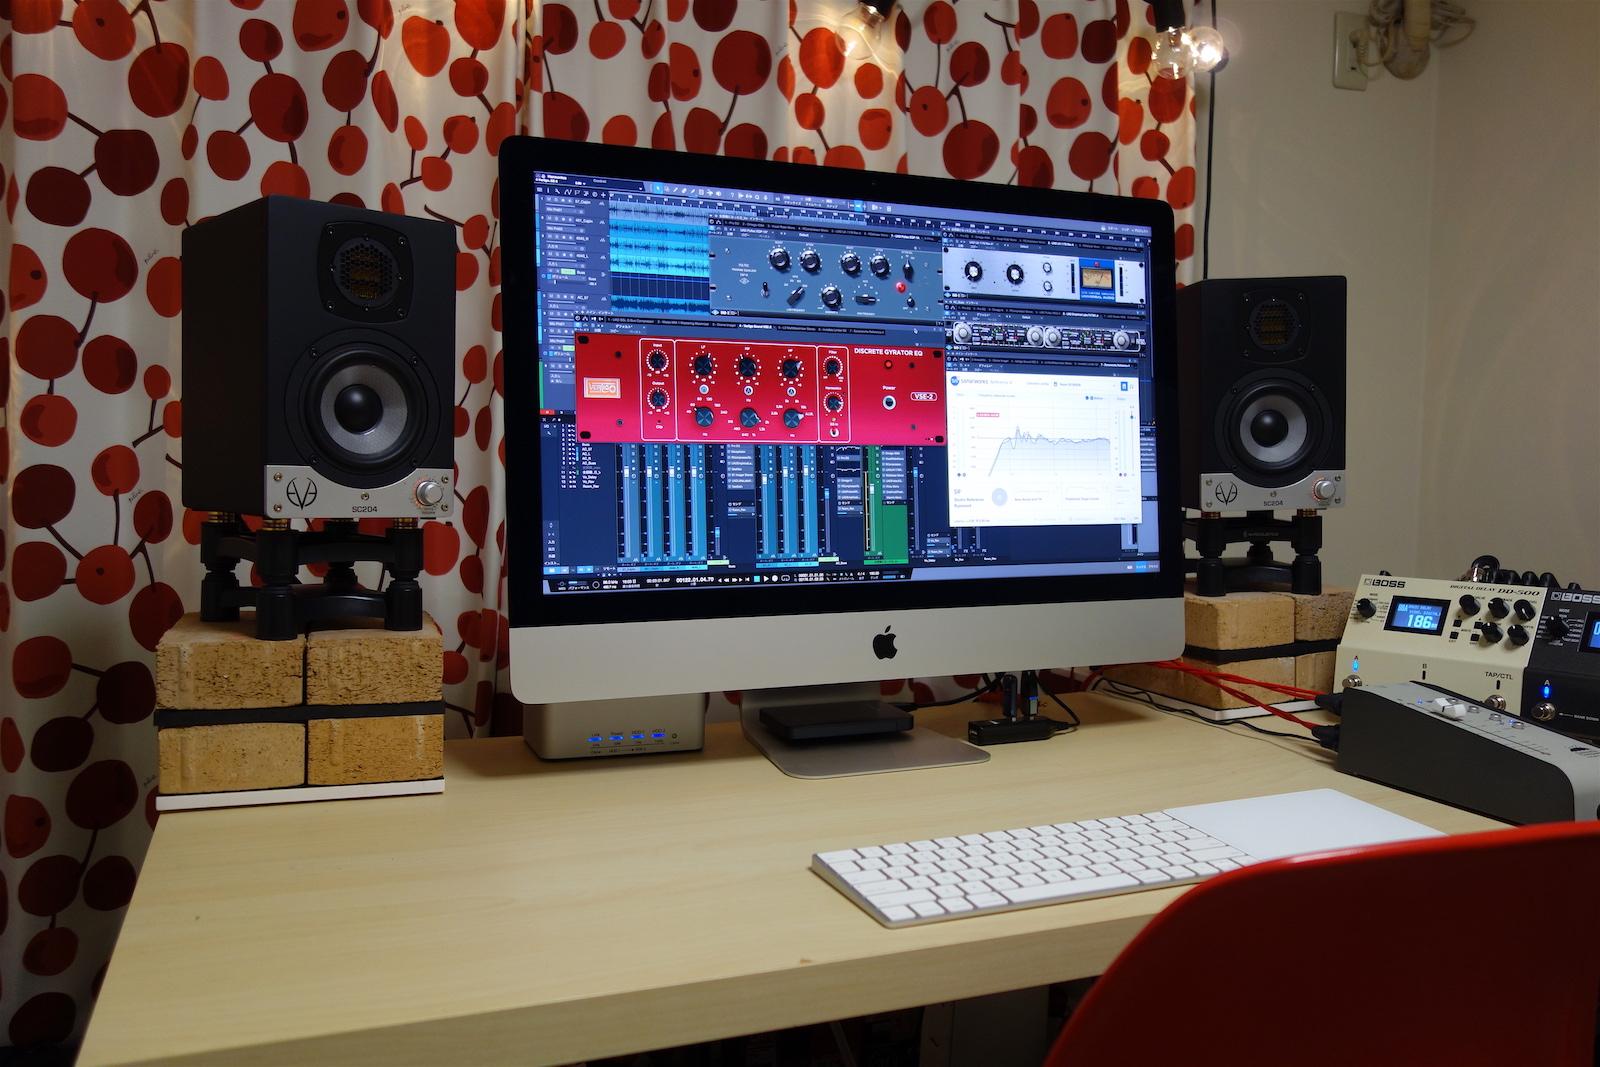 20181005_sonarworks-user-review-5-kensei-ogata_dsc01870